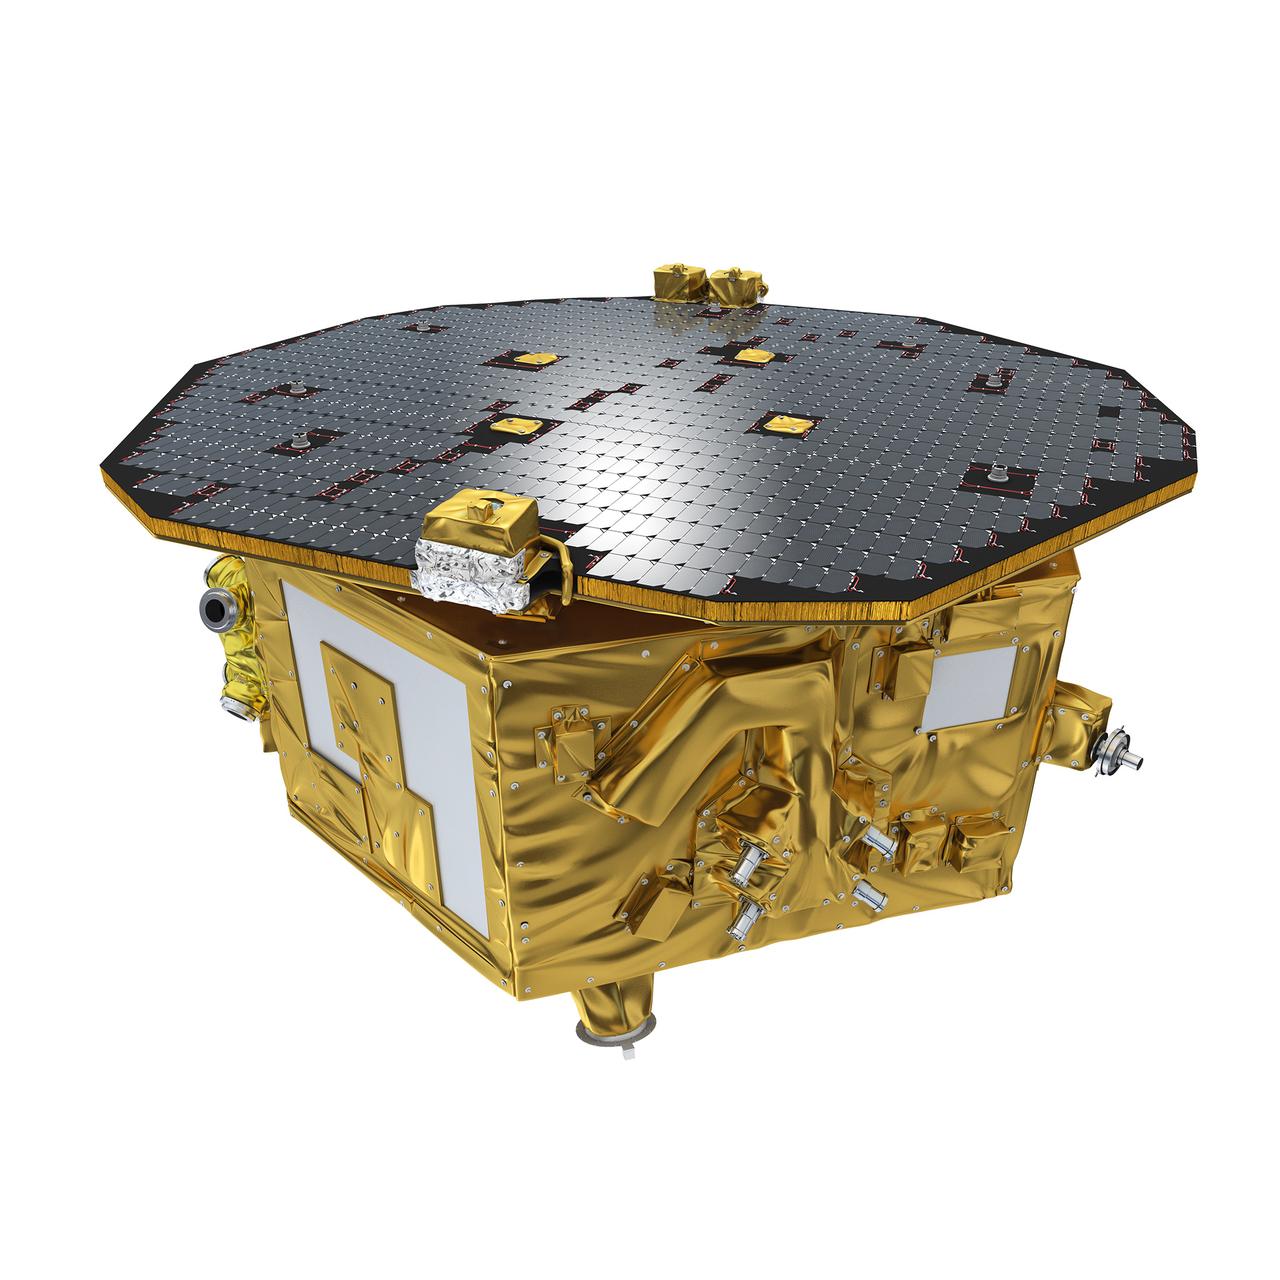 1567215929901-ESA_LISA_Pathfinder_Outside_view5_1280.jpg